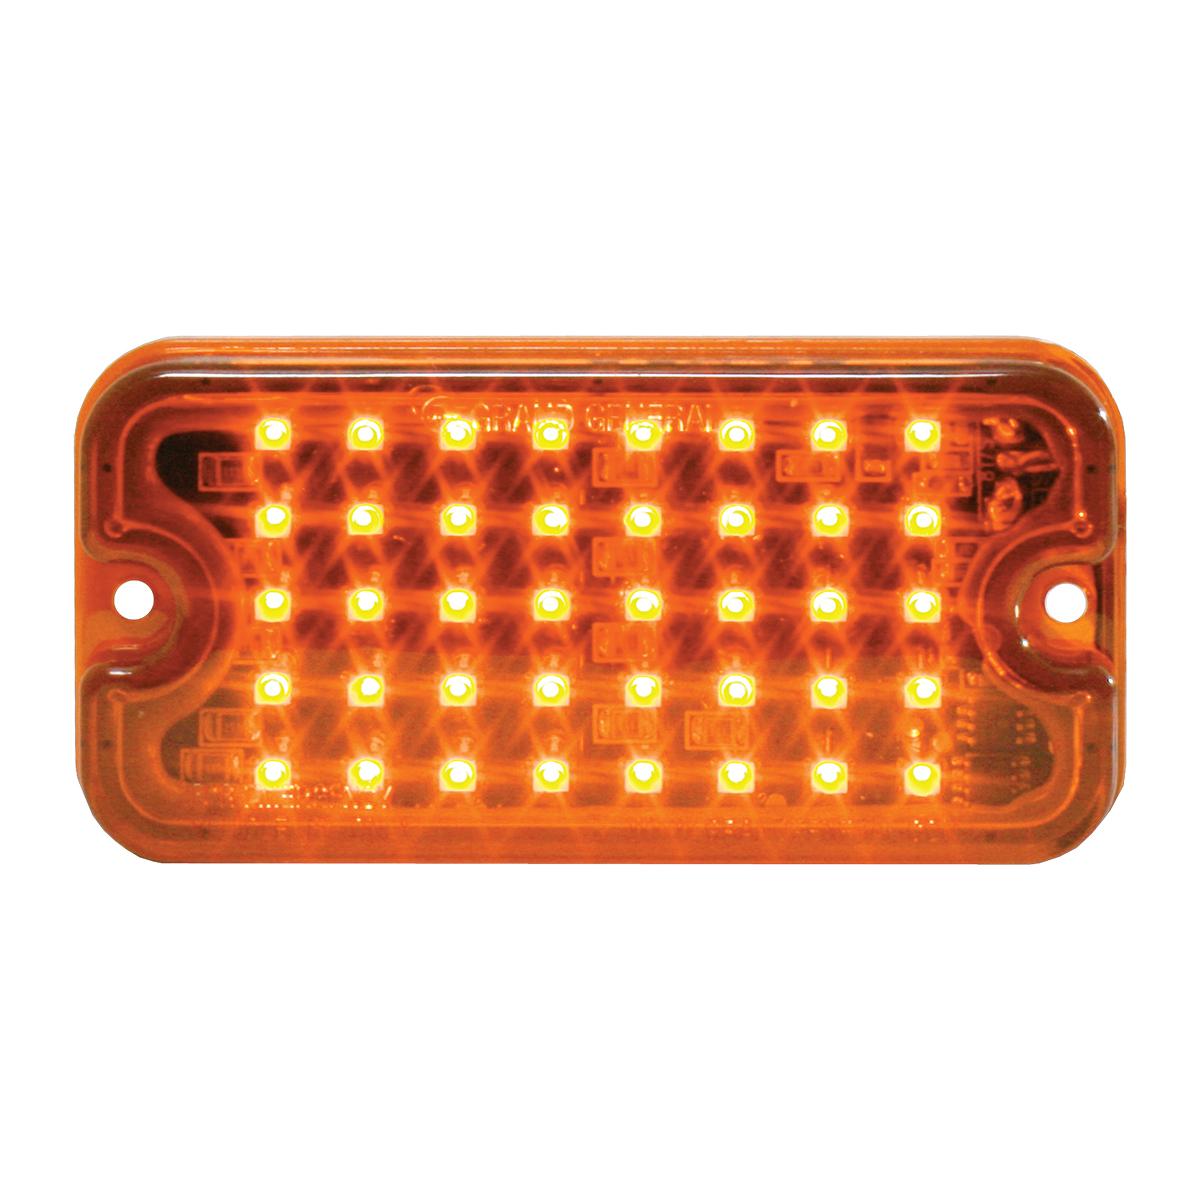 81746 Amber/Amber Ultra Thin Small Rectangular LED Strobe Light